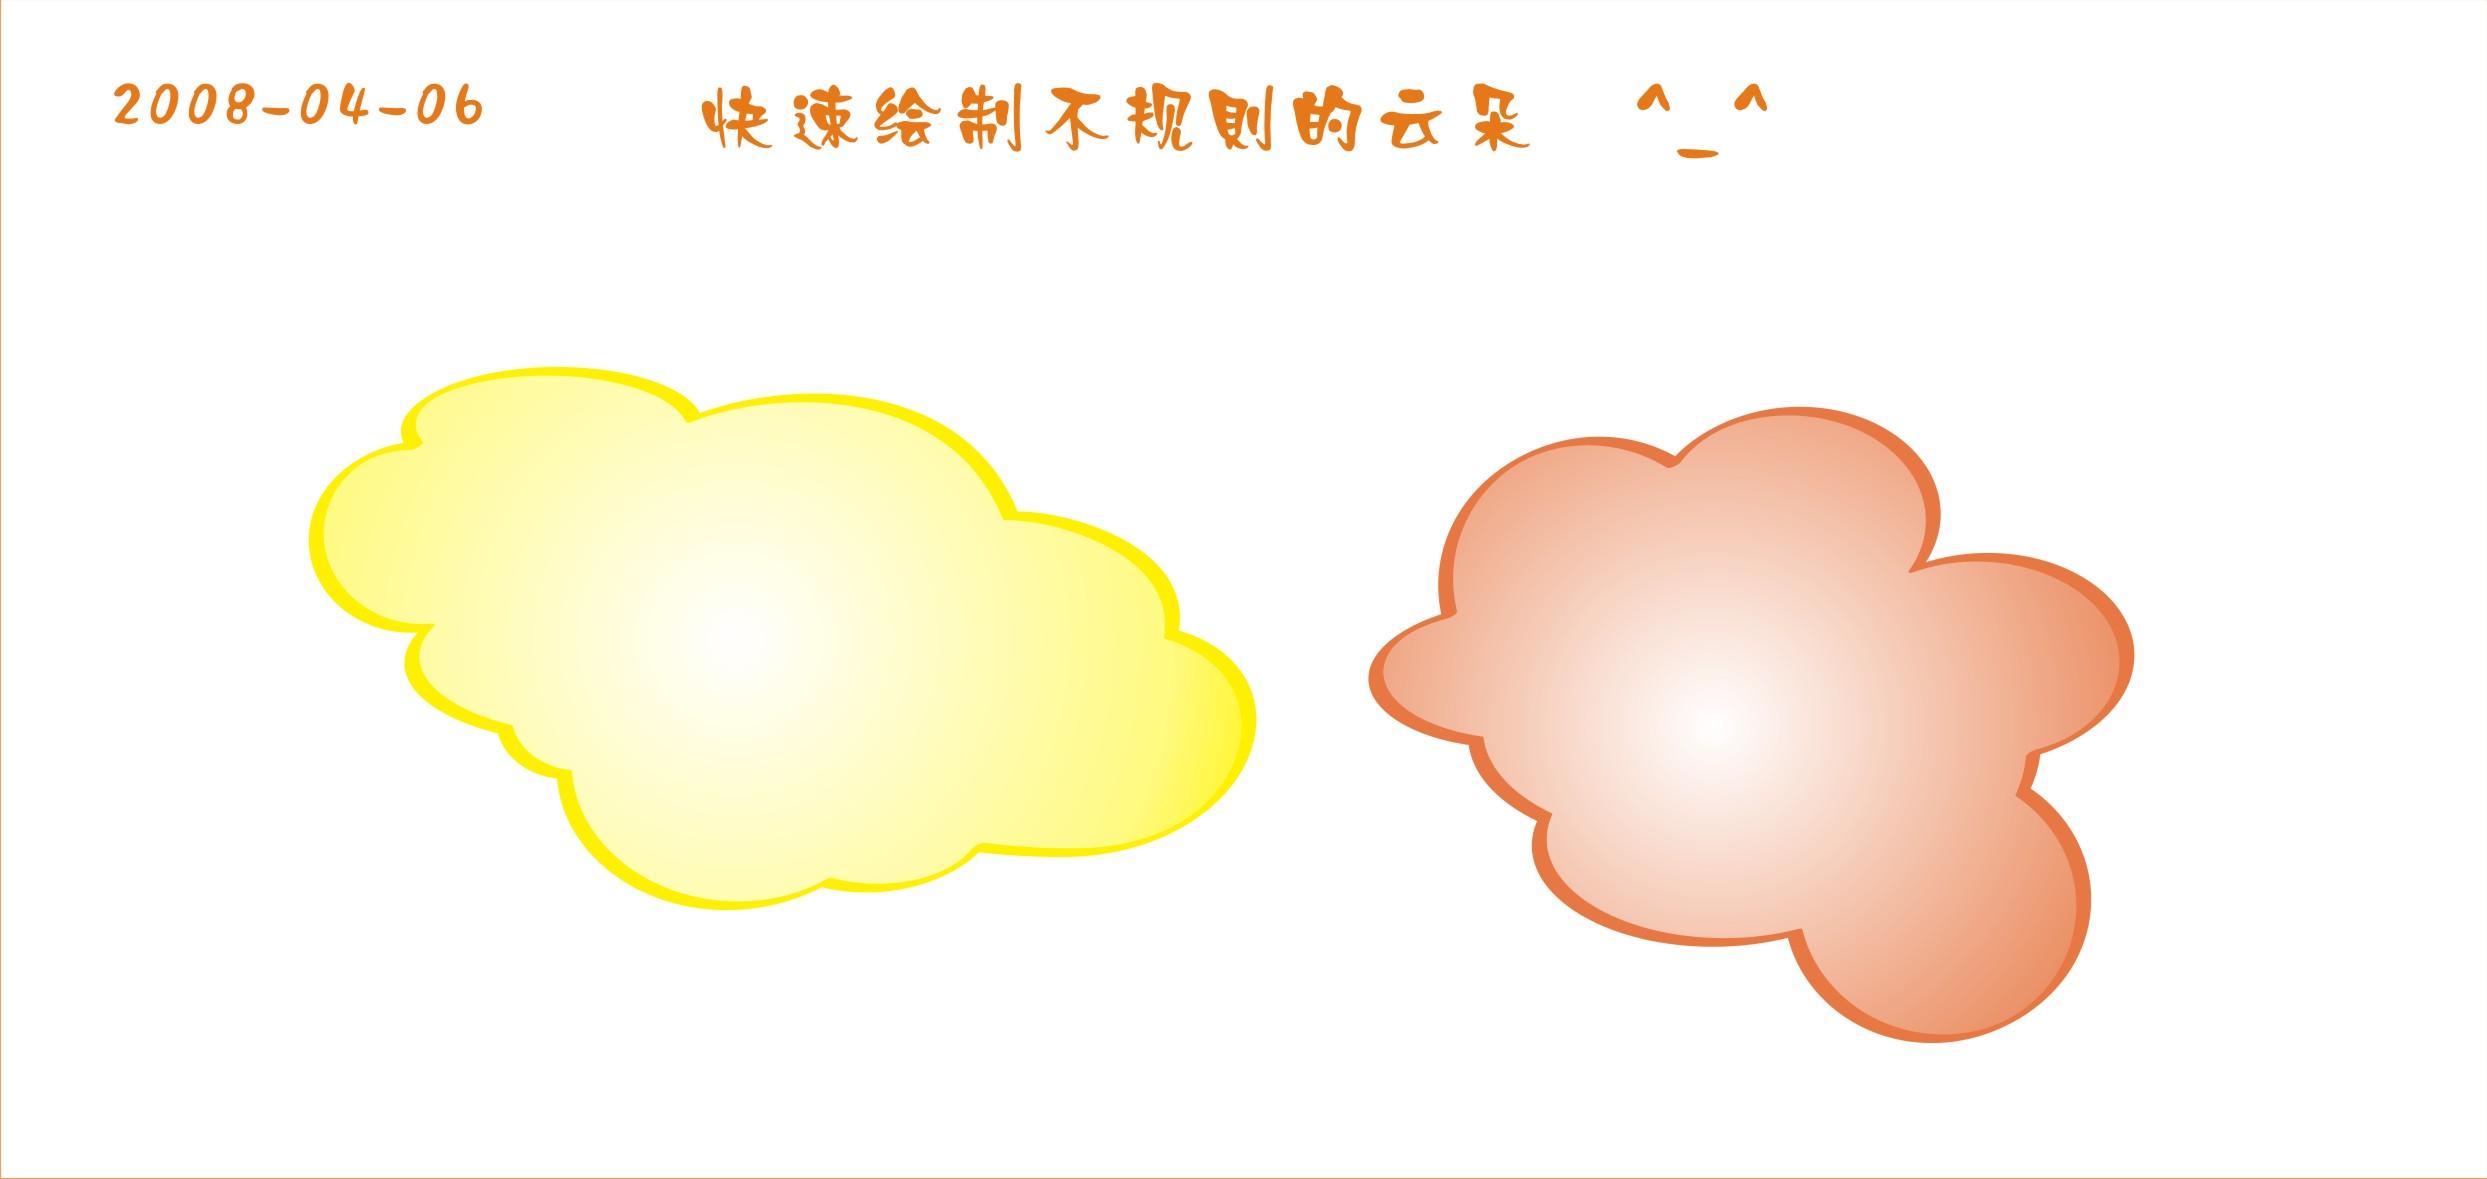 设计教程 coreldraw教程 其他 03 又快又好画云朵,漂亮实用哦  图形